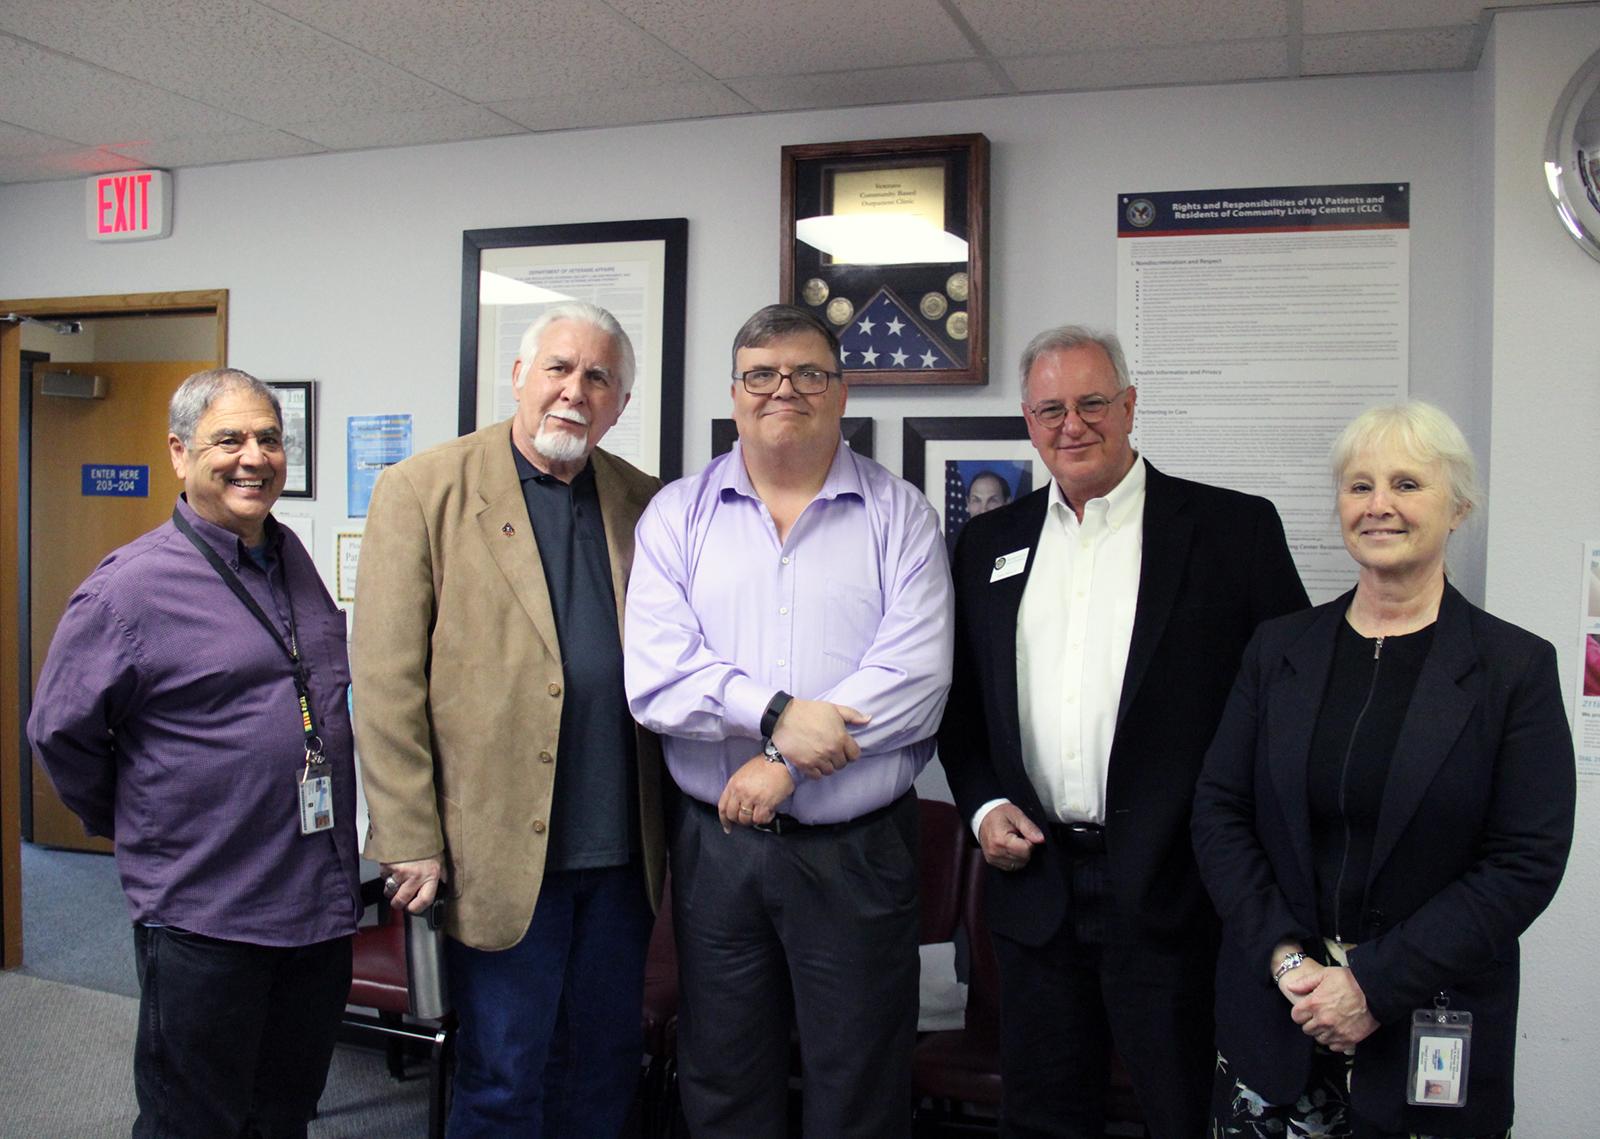 Tony Molina, John Reed, Bill Hall, David Gomberg, Cheryl Connell Flag Display Veterans VA Outreach Clinics Lincoln County